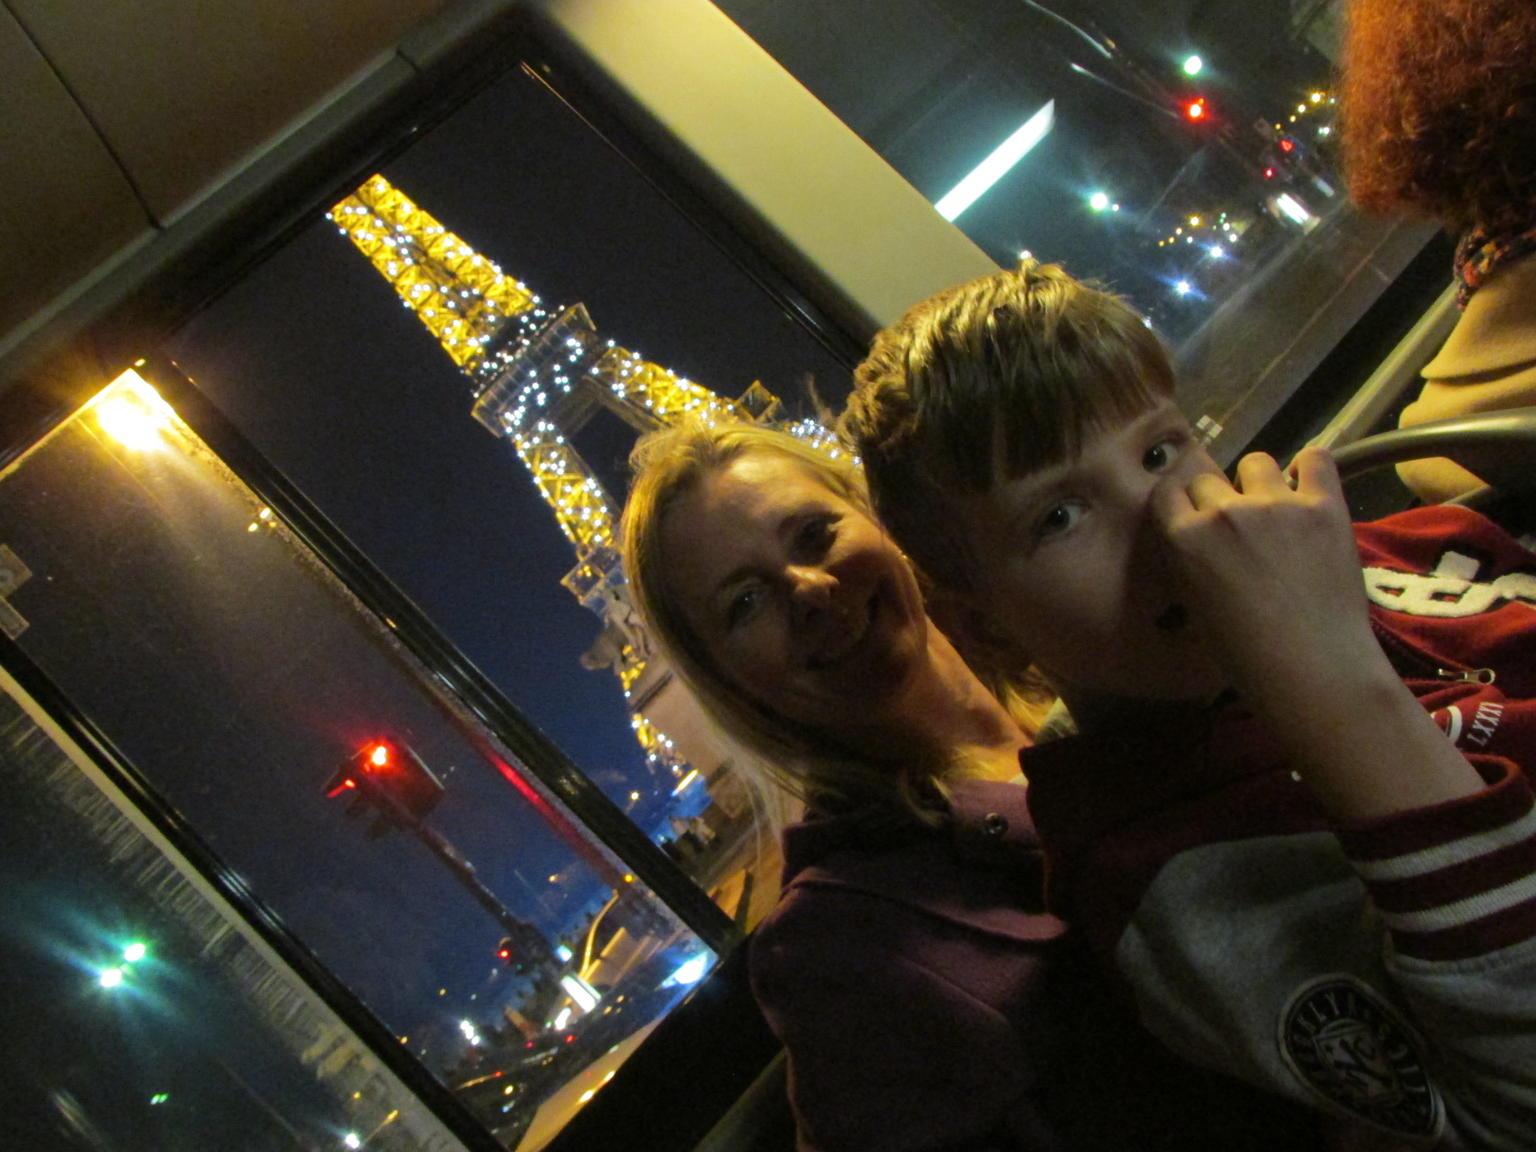 MAIS FOTOS, Excursão noturna por Paris em um ônibus Big Bus